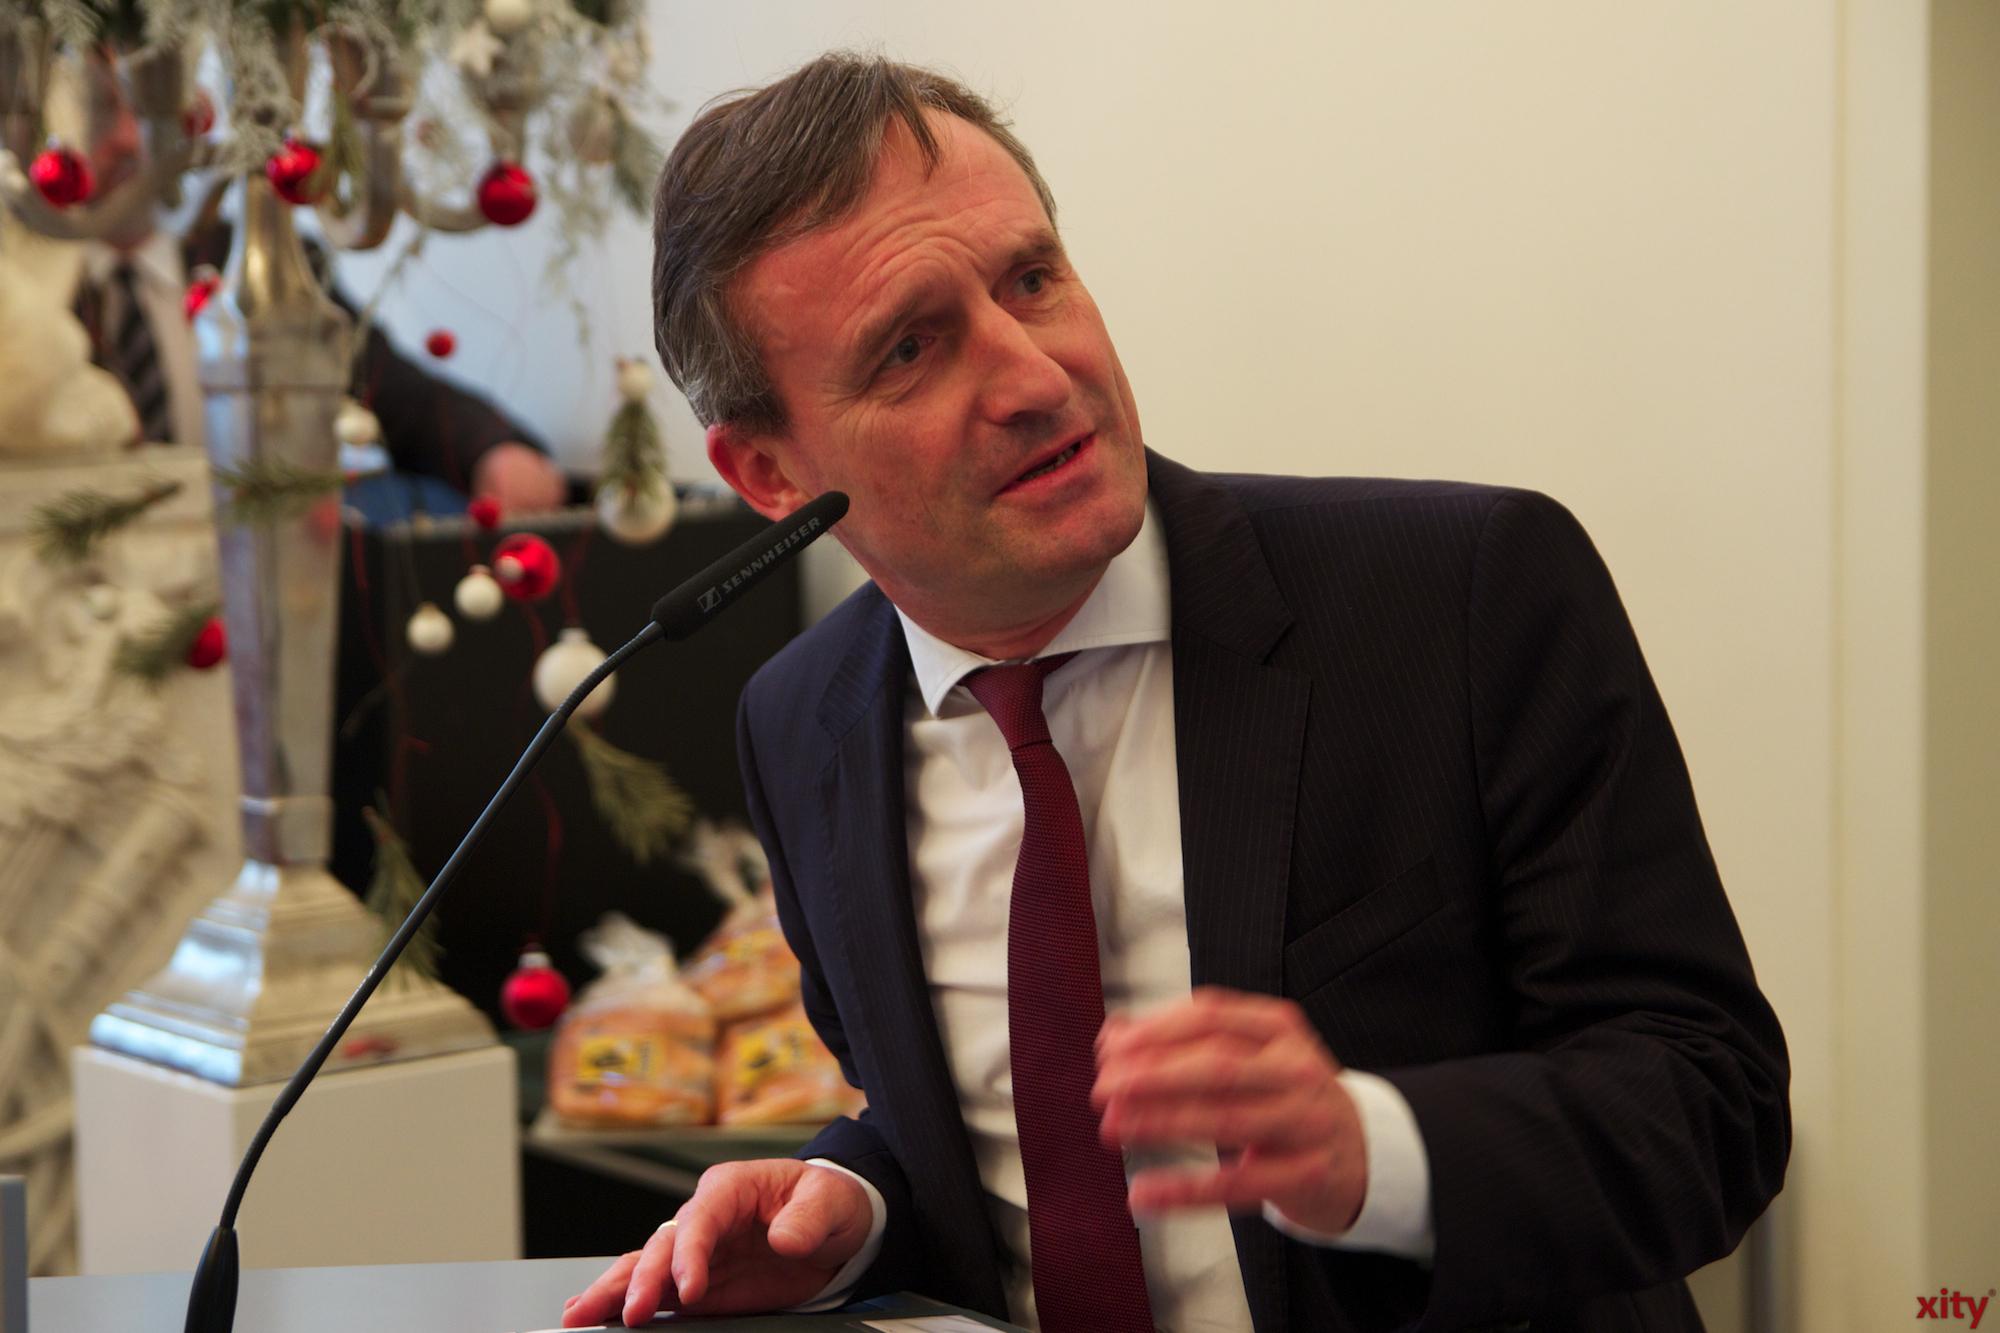 Als Dank für ihren Einsatz überreichte Oberbürgermeister Thomas Geisel jedem Kind ein sternförmiges Gebäckstück, das, wie in jedem Jahr, Bäckermeister Josef Hinkel hergestellt hat (Foto: xity)